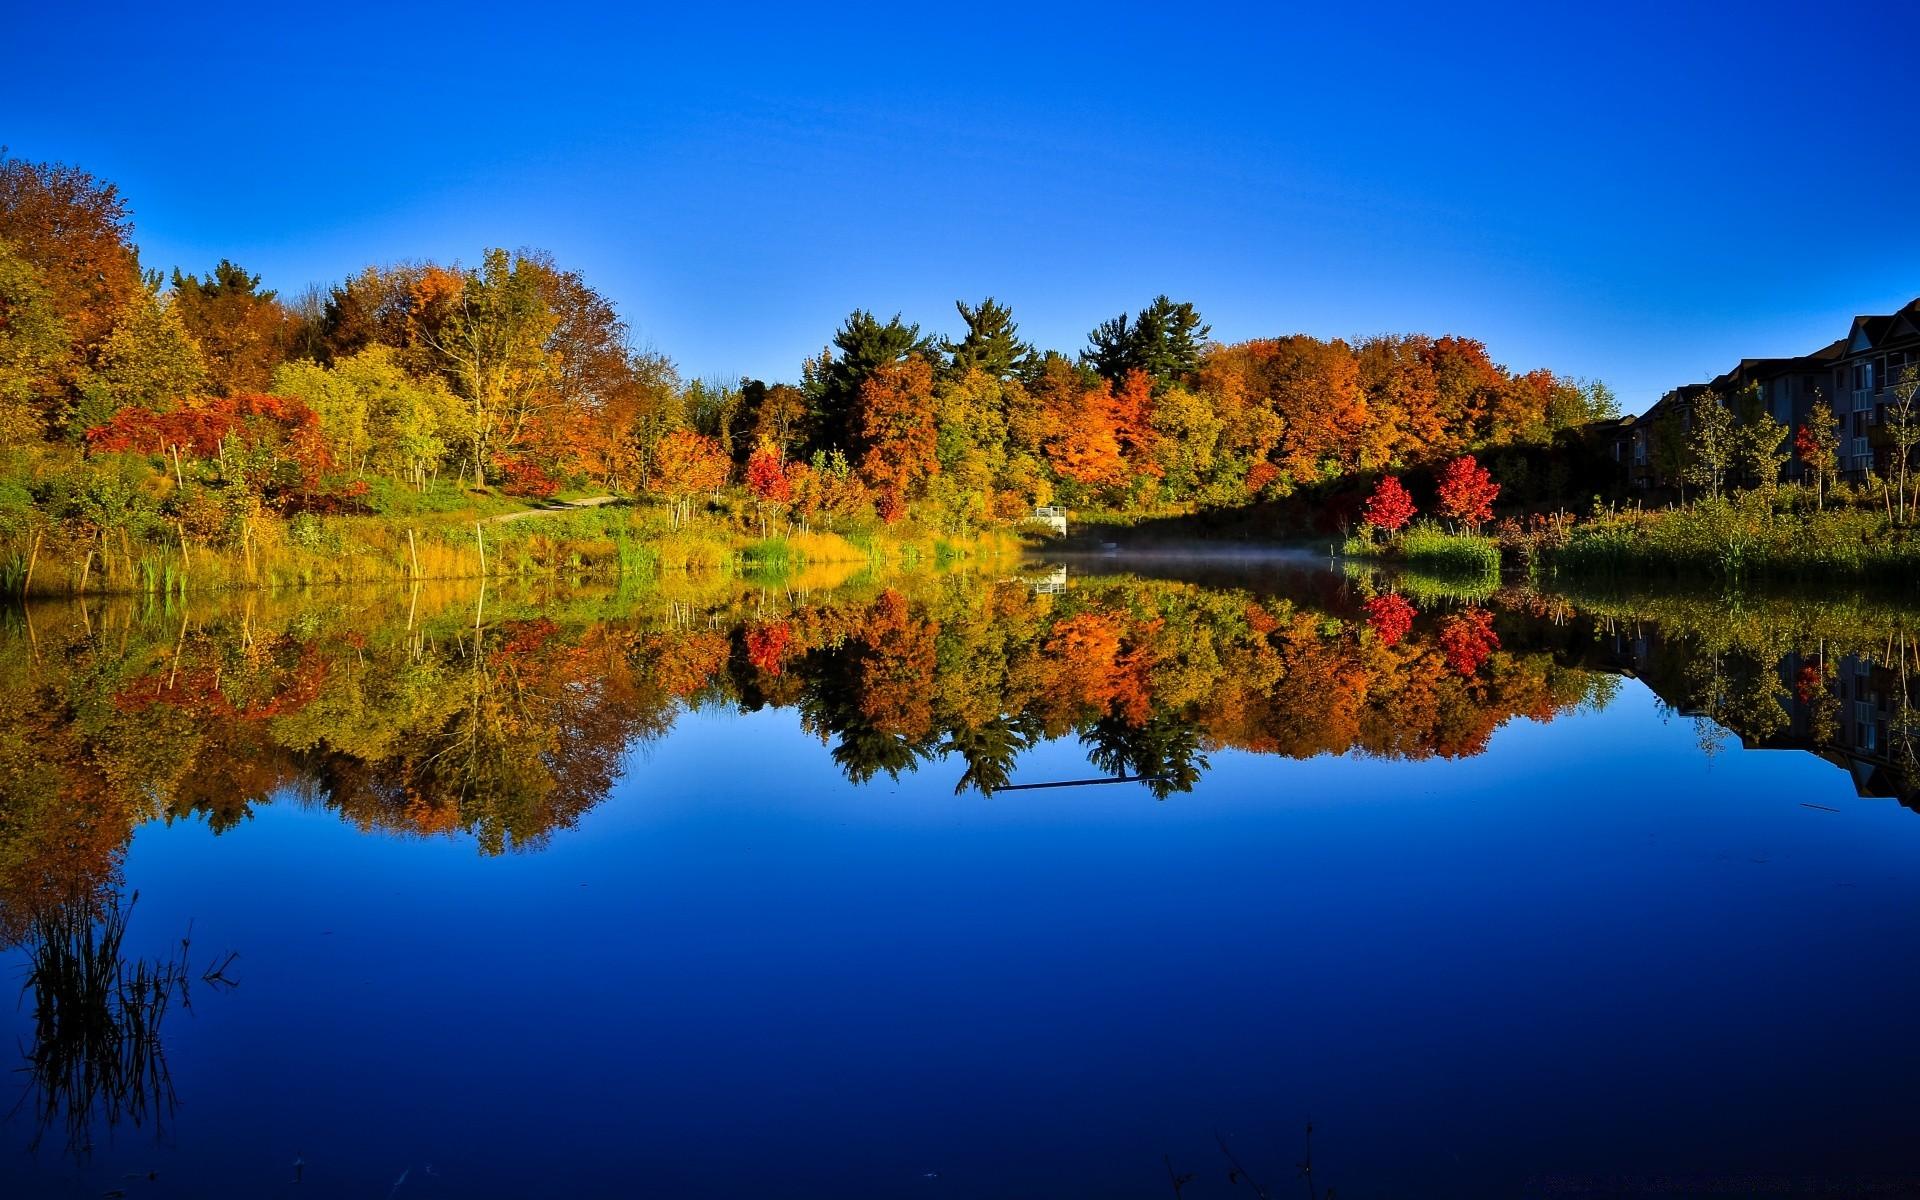 всем картинки осень природа на рабочий стол хорошее качество создаёт мощную